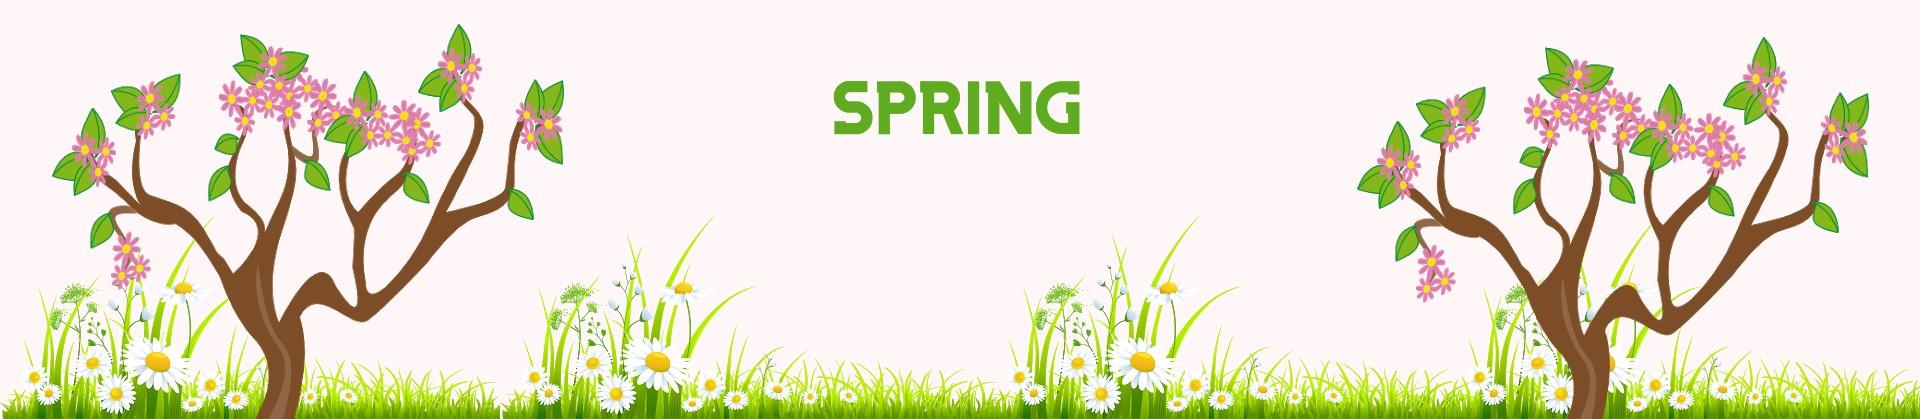 Kursy angielskiego online - oferta wiosna 2020 1